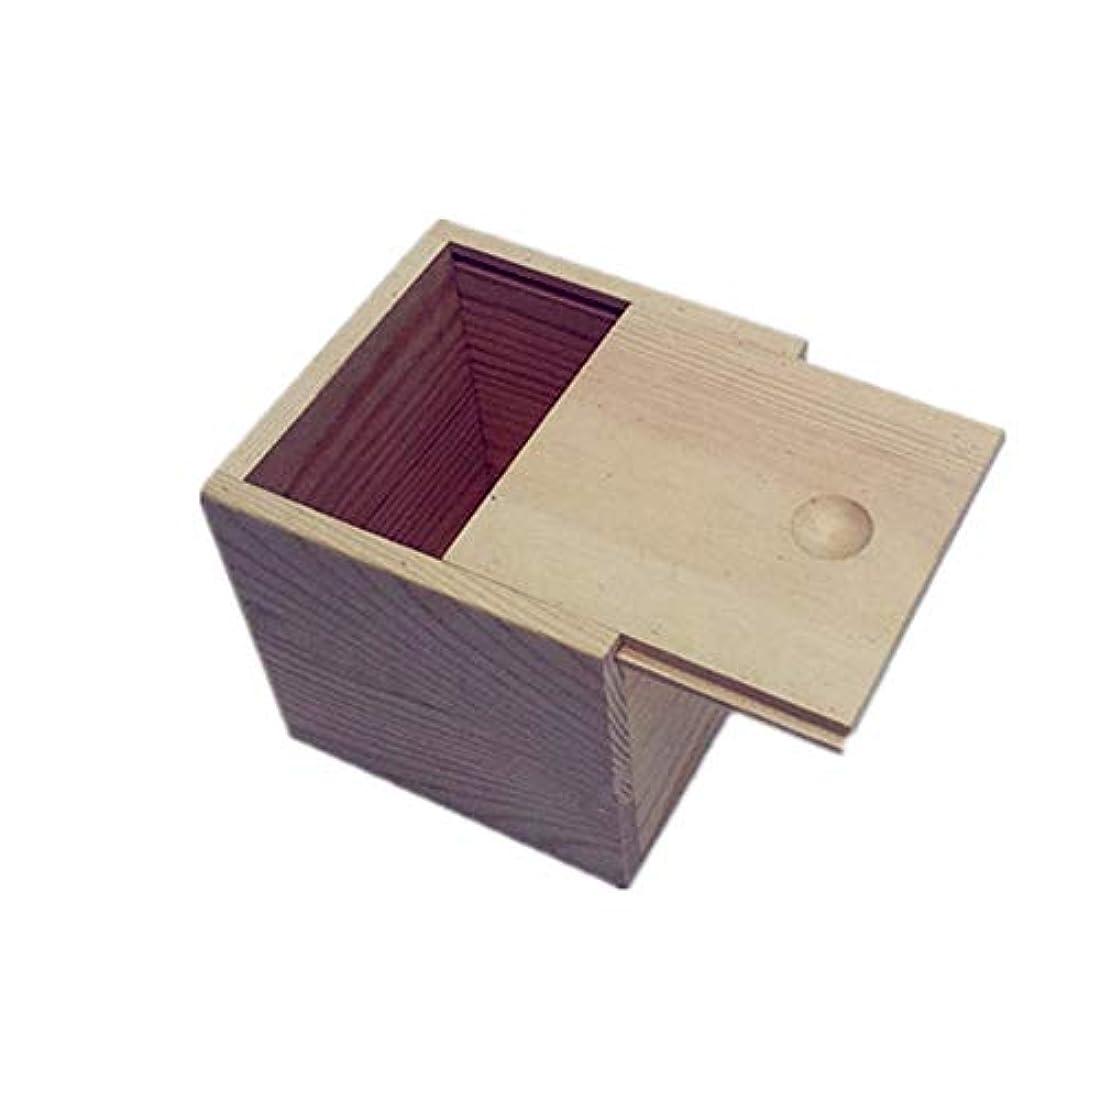 アプライアンス散らす島エッセンシャルオイル収納ボックス 木製のエッセンシャルオイルストレージボックス安全なスペースセーバー9x9x5cmあなたの油を維持するためのベスト (色 : Natural, サイズ : 9X9X5CM)